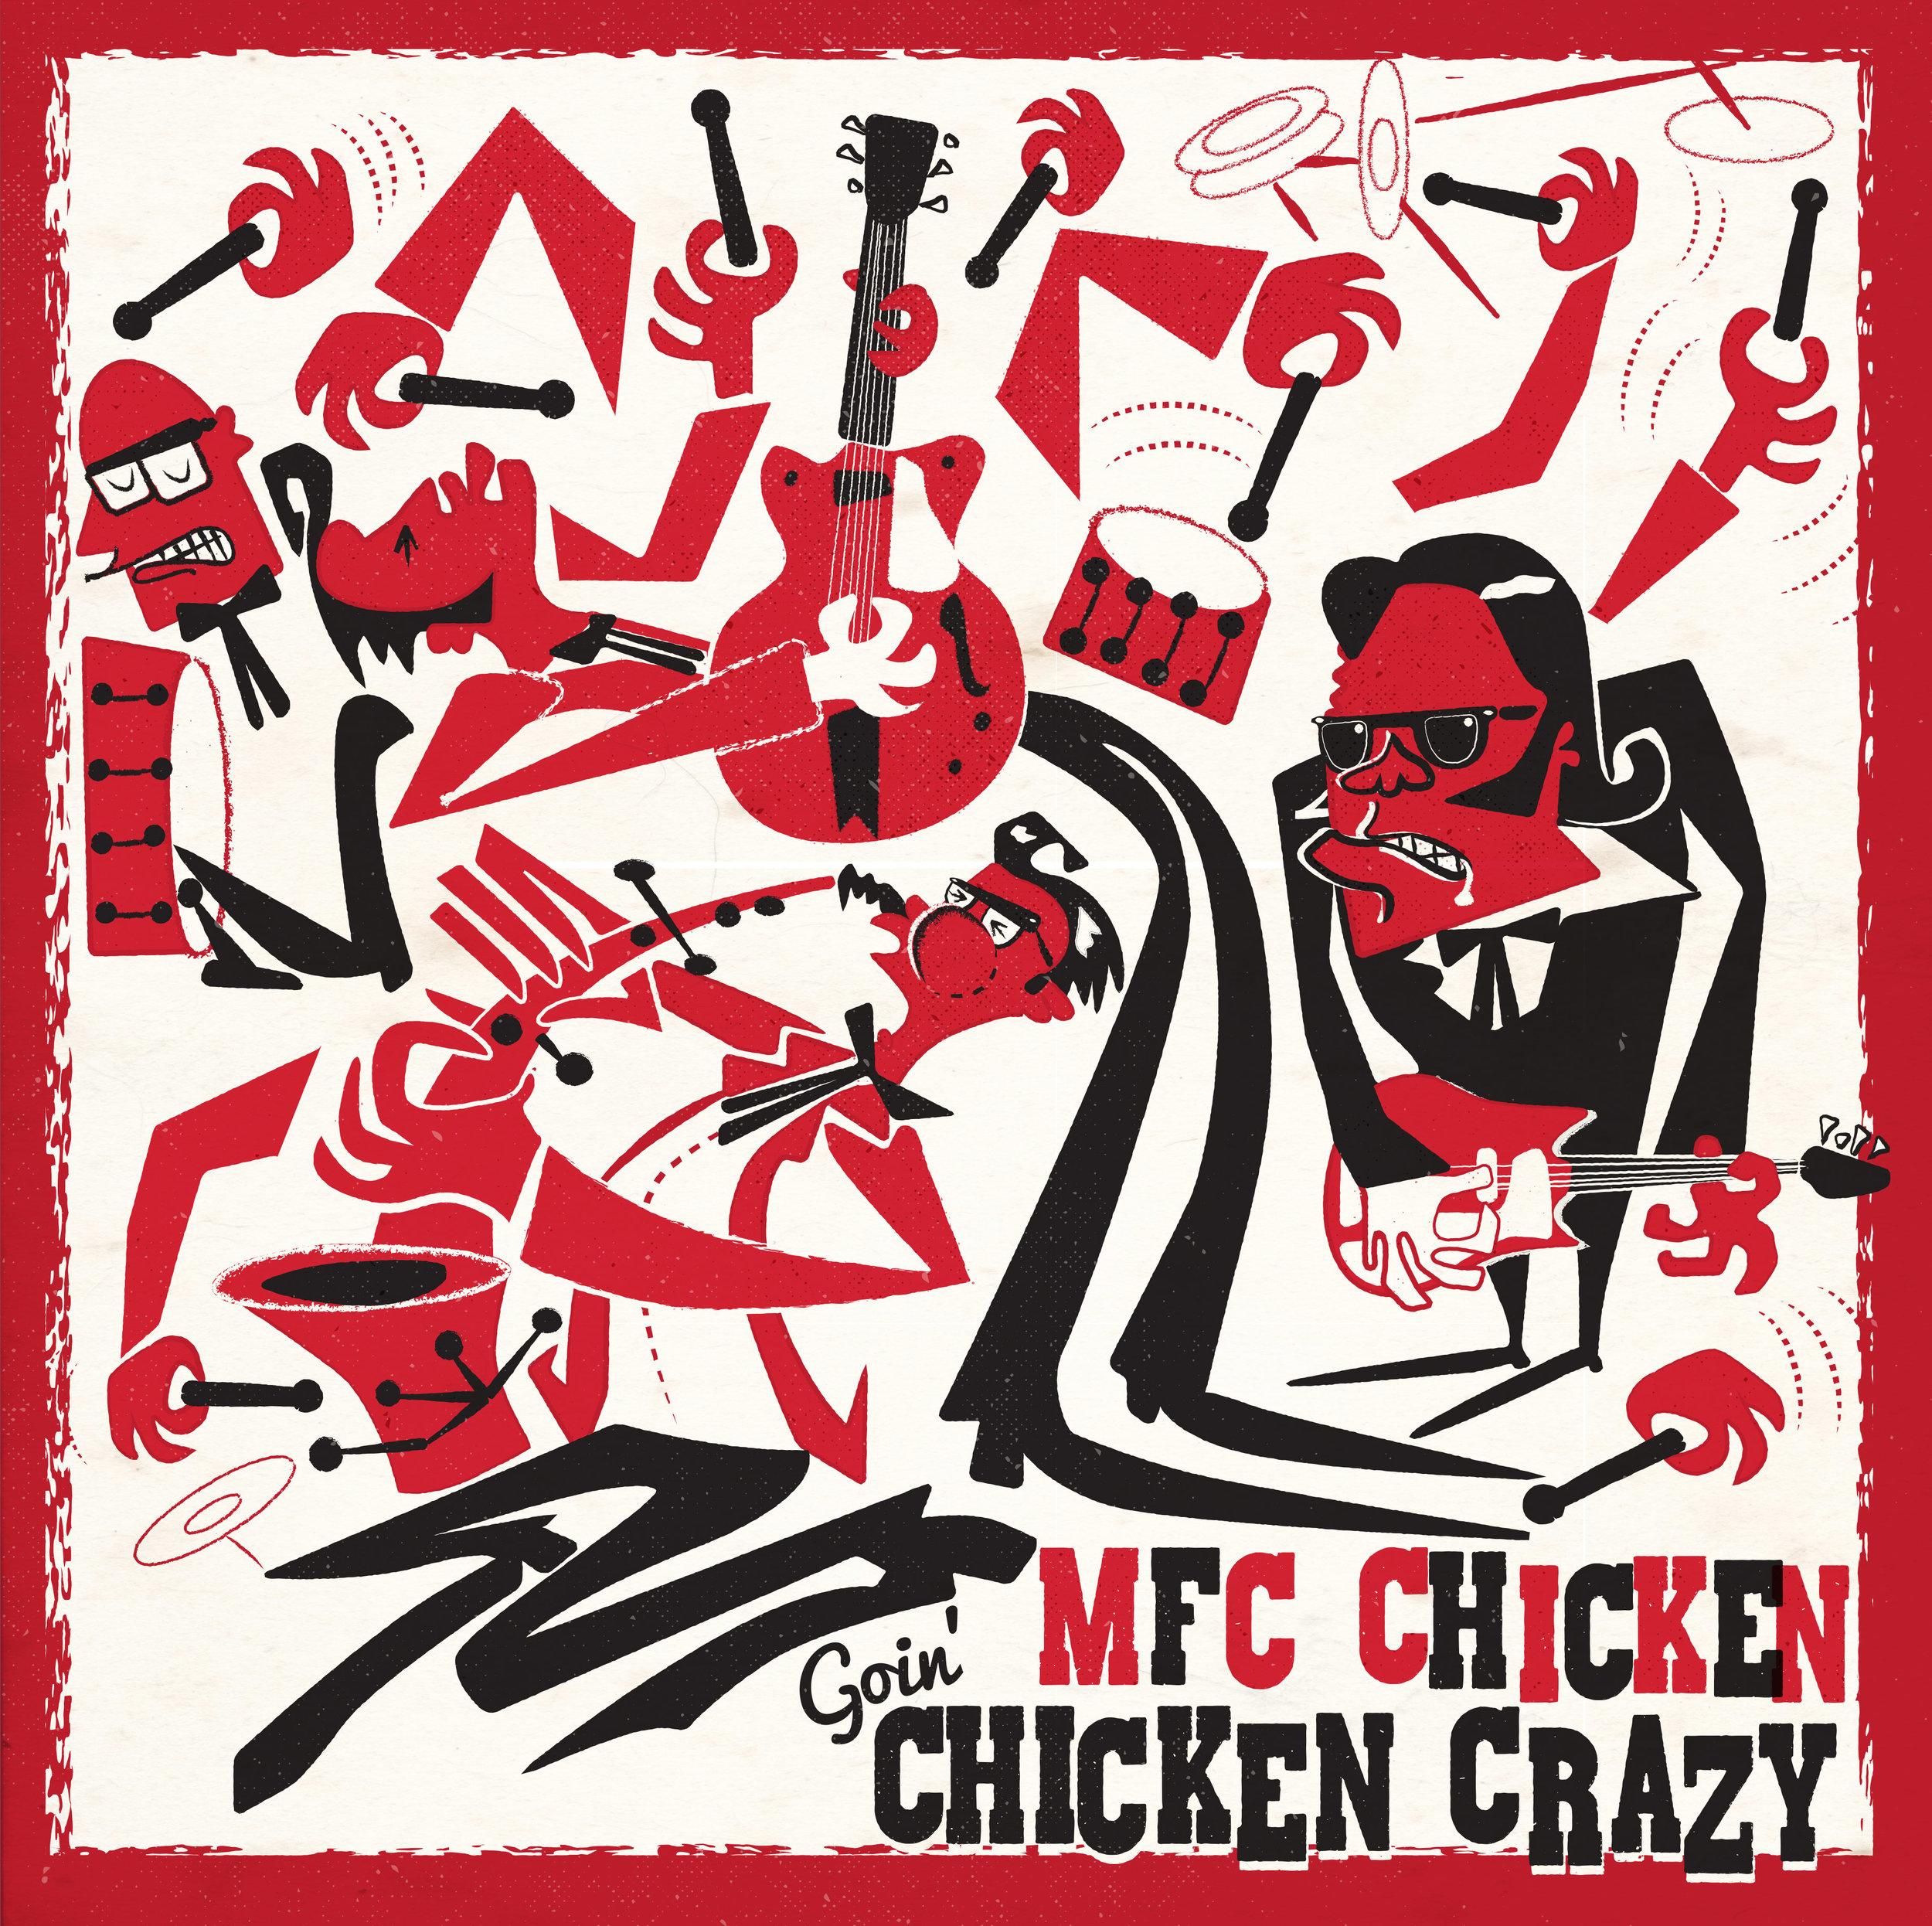 MFC Chicken - Goin Chicken Crazy LP Cover - Please add artwork credit Chris Moore.jpg